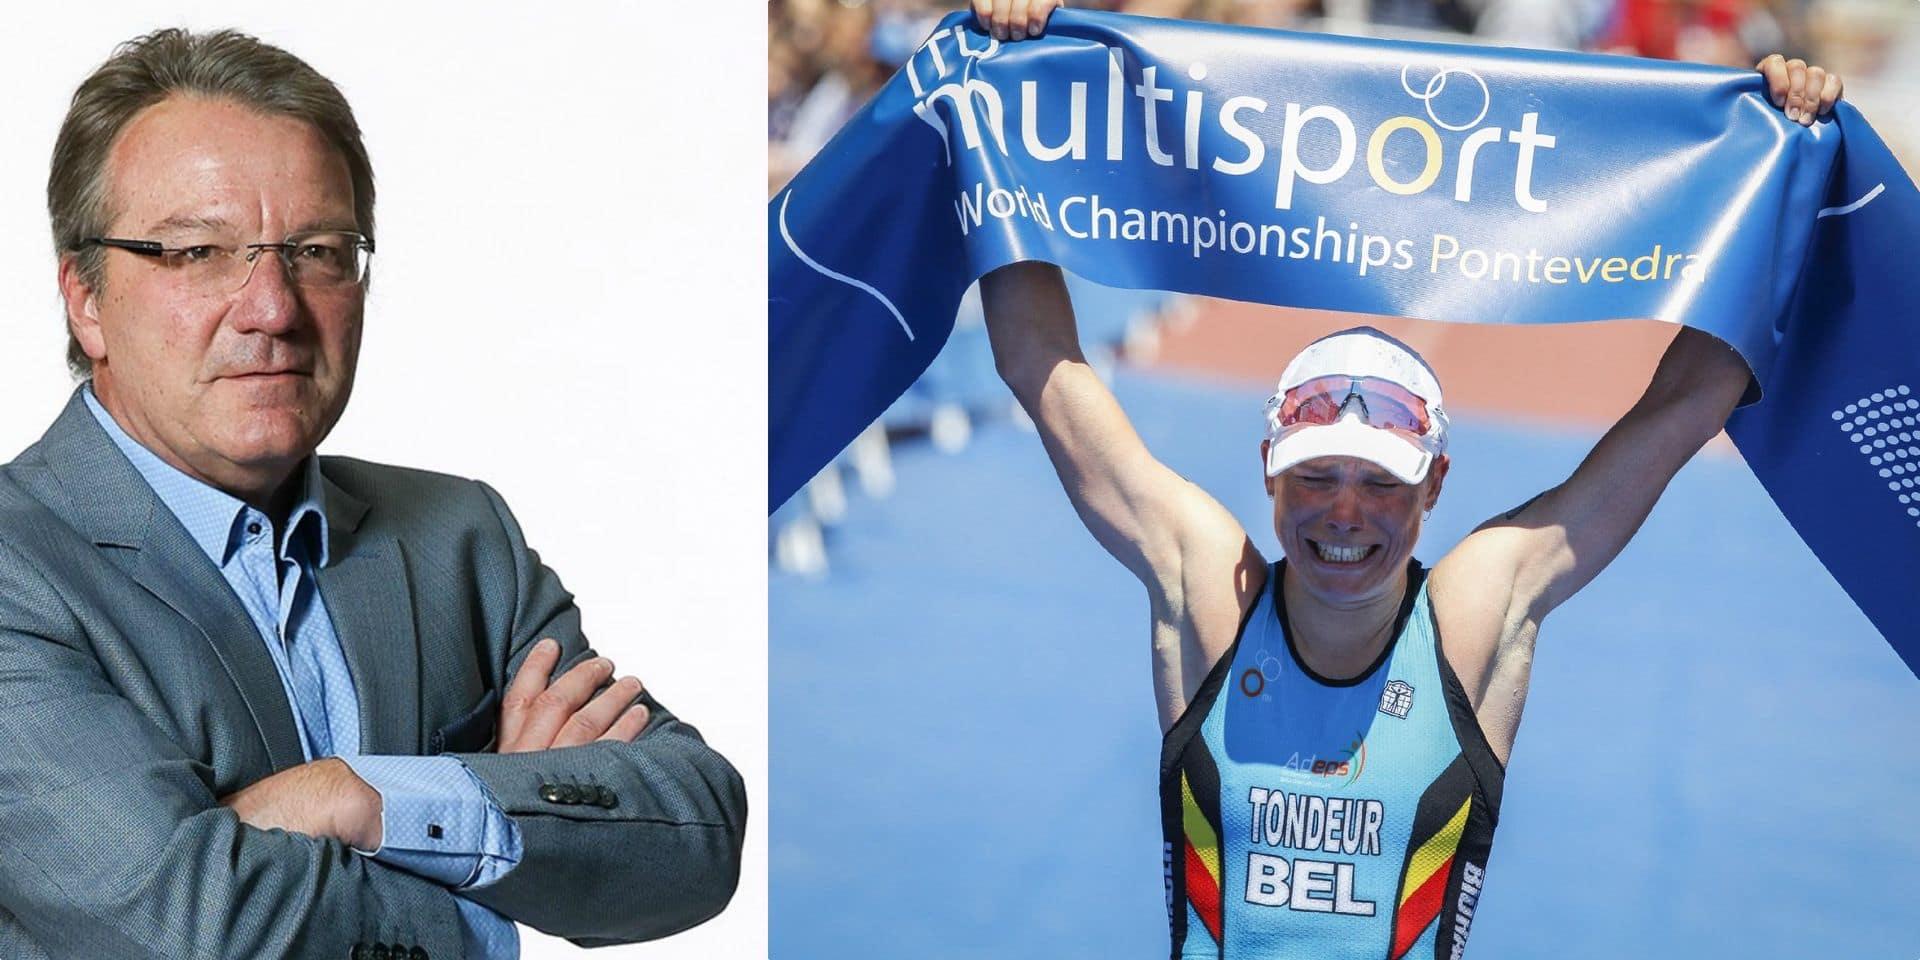 La Chronique de Jean-Marc Ghéraille: La triathlète Alexandra Tondeur a brisé un tabou, la dépression chez les sportifs de haut niveau